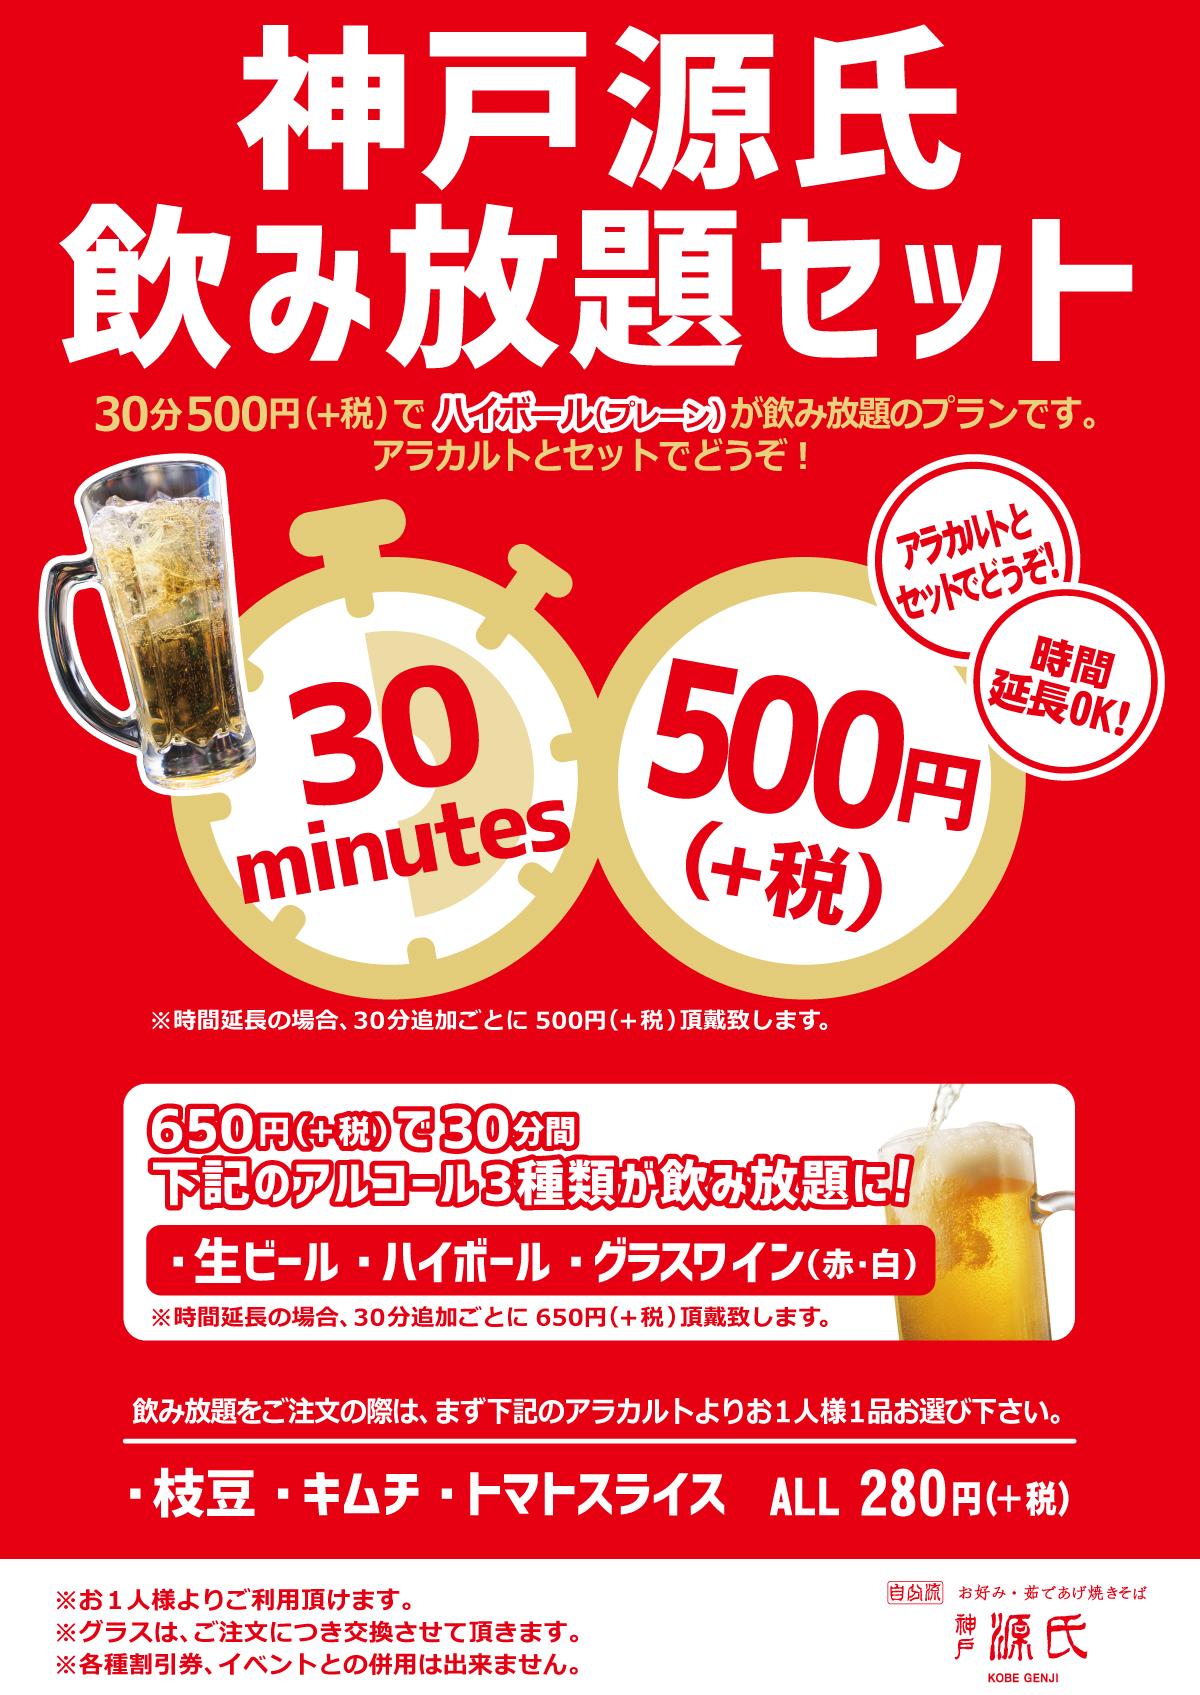 2017010_ミント神戸30分飲み放題_B5